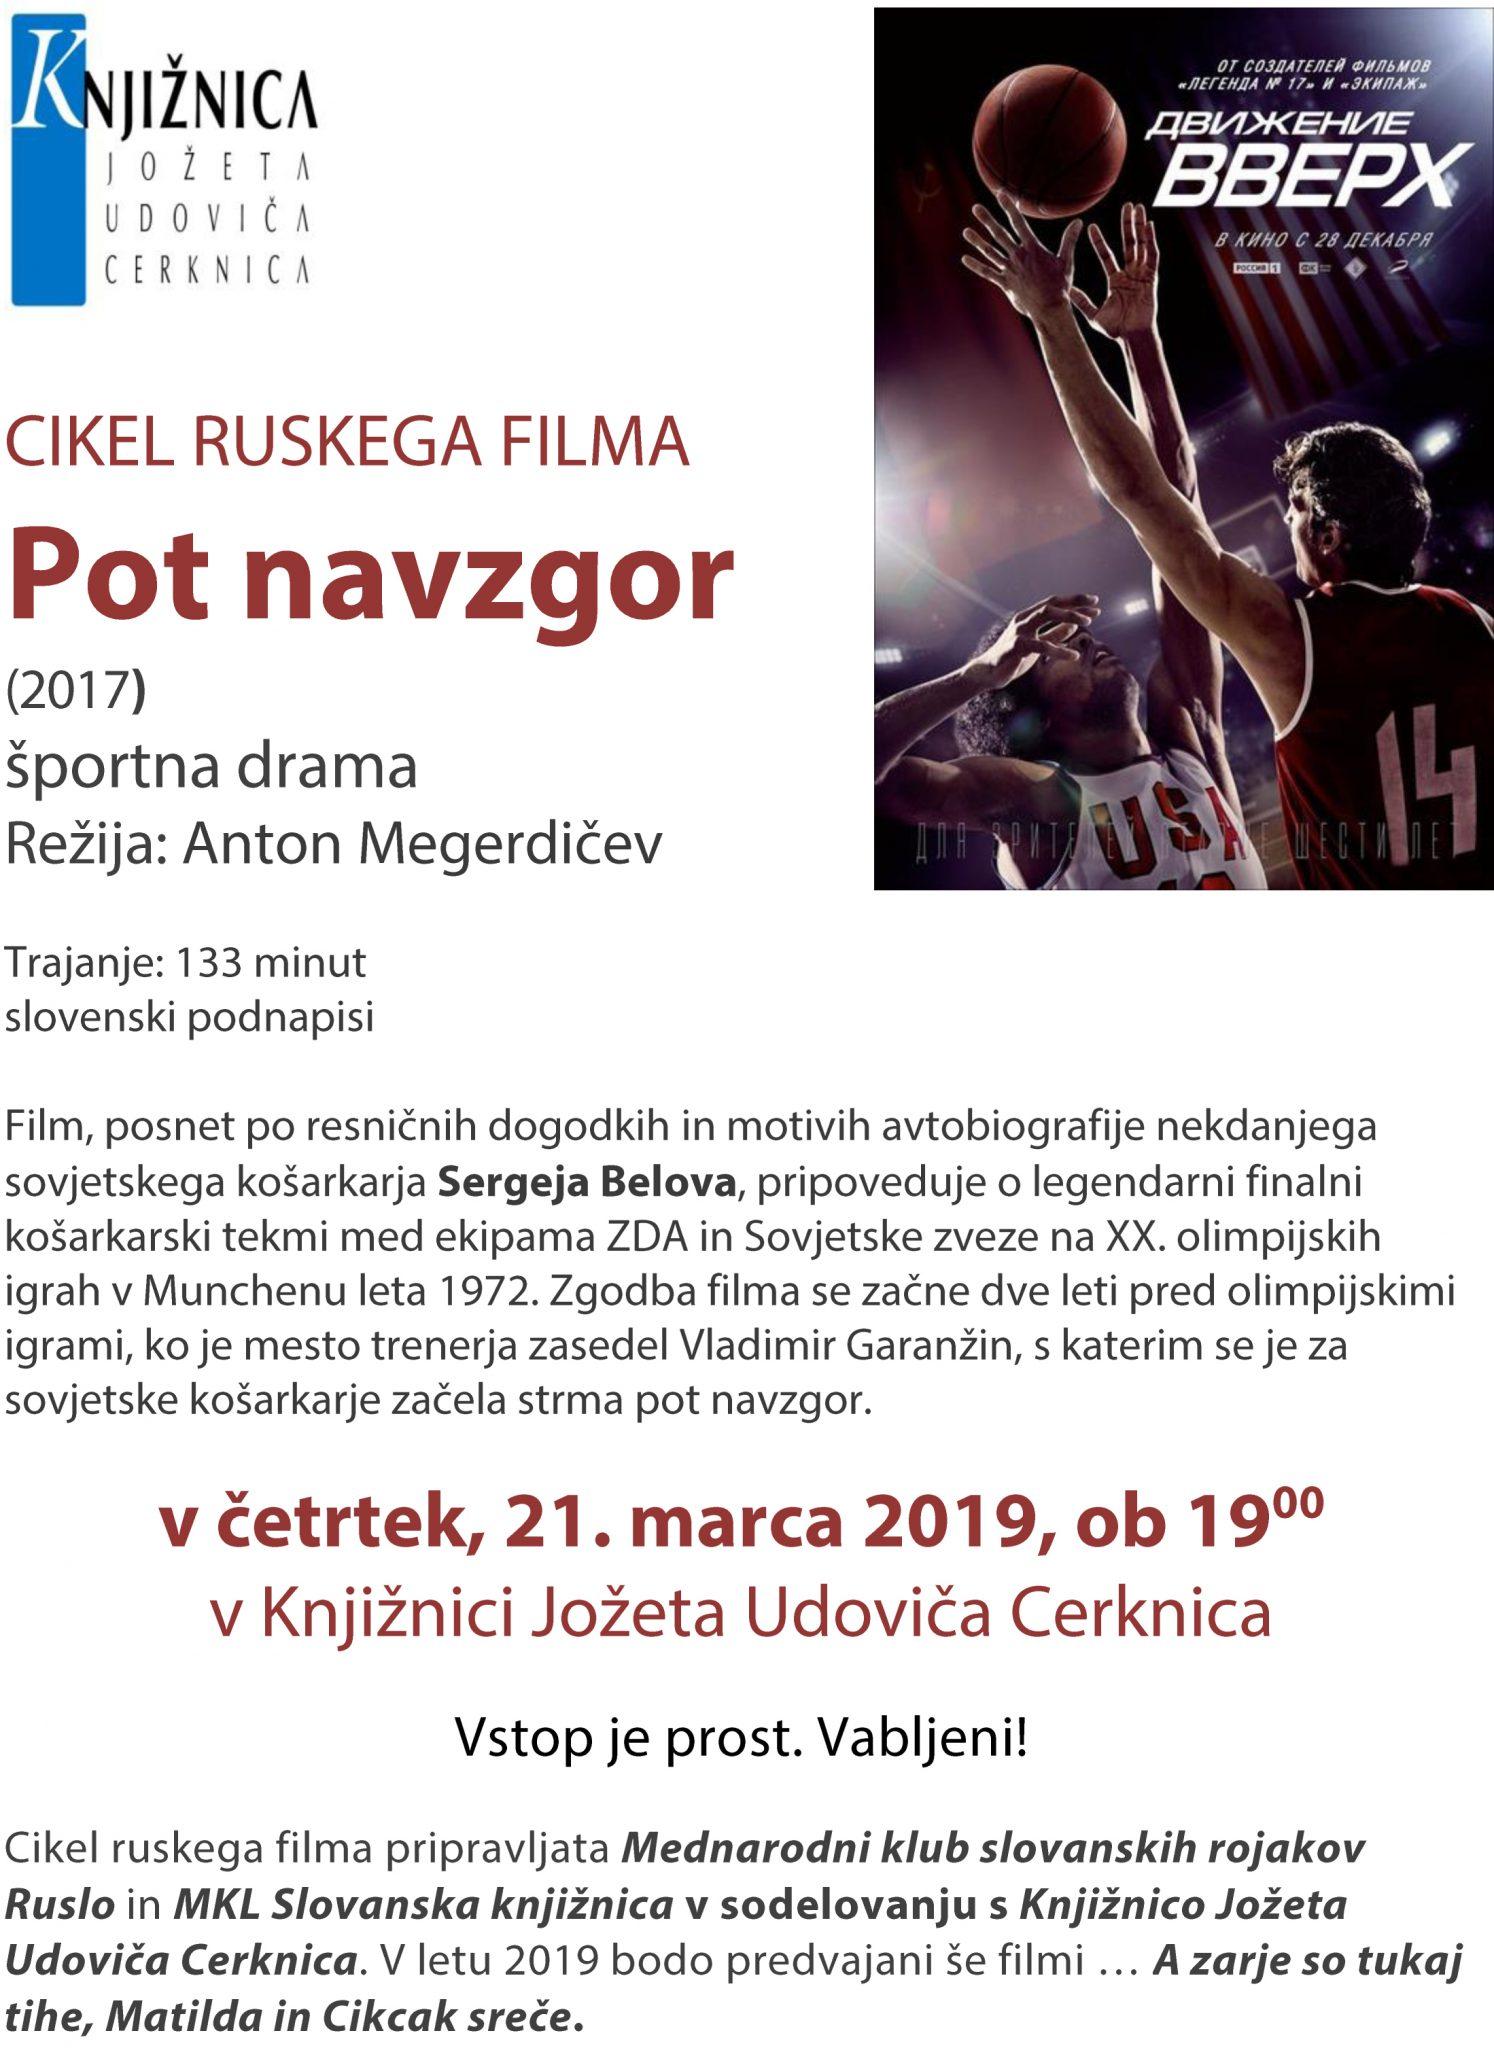 Pot navzgor mar 2019 - Pot navzgor - športna drama - Cikel ruskega filma 2019